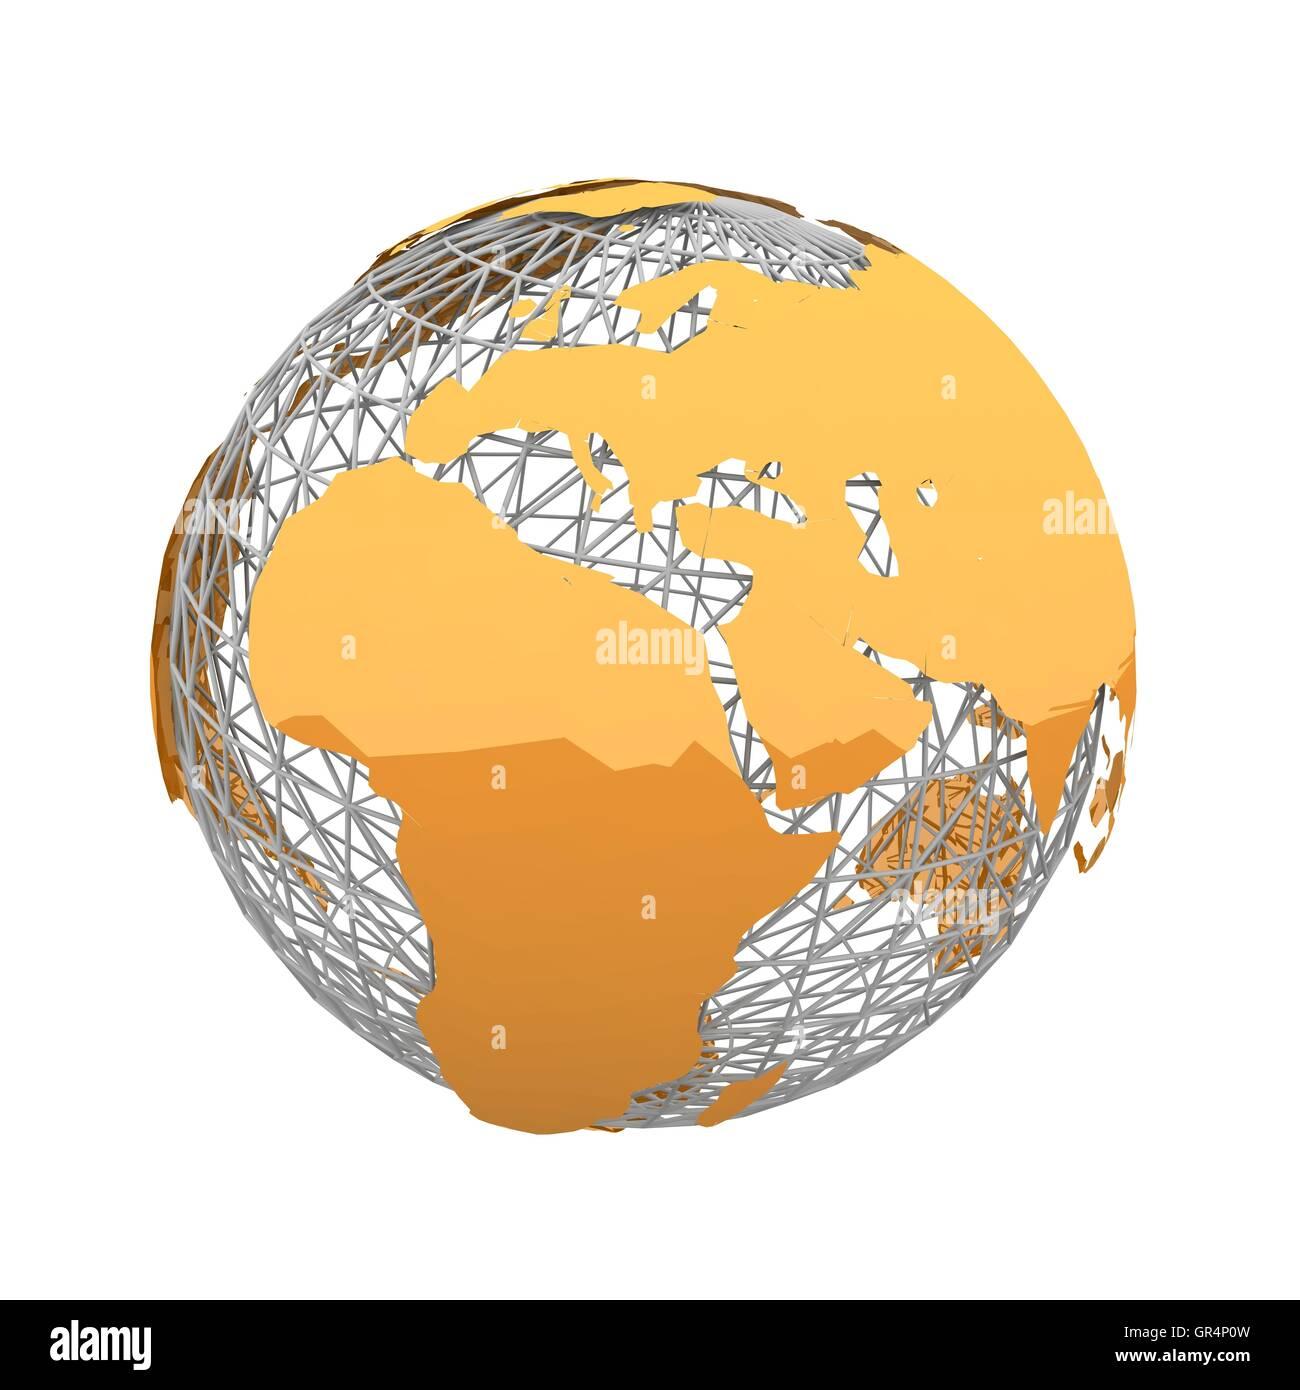 orange world map - Stock Image